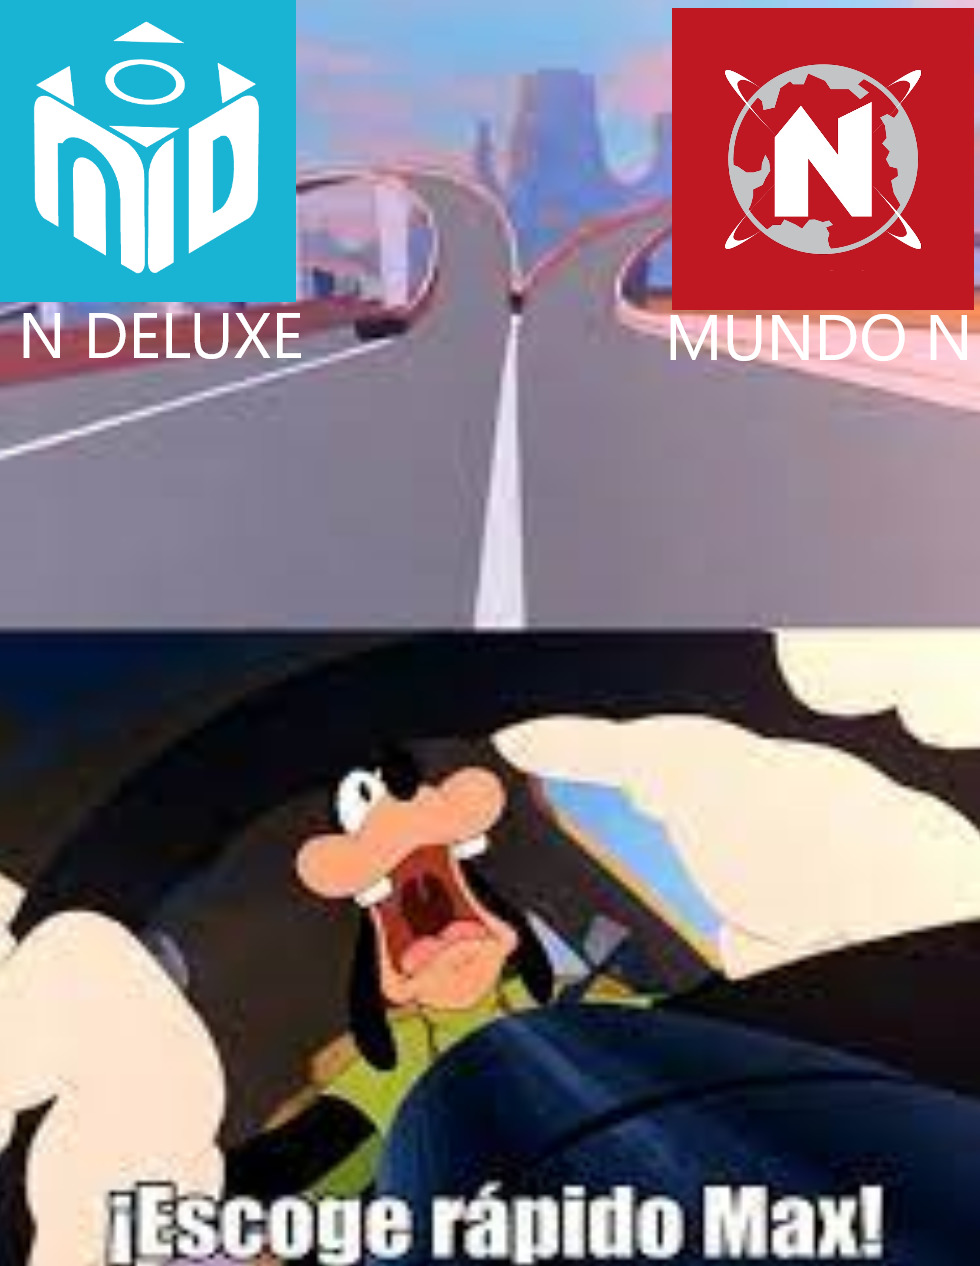 Que ruta de videojuegos en youtube eliger - meme